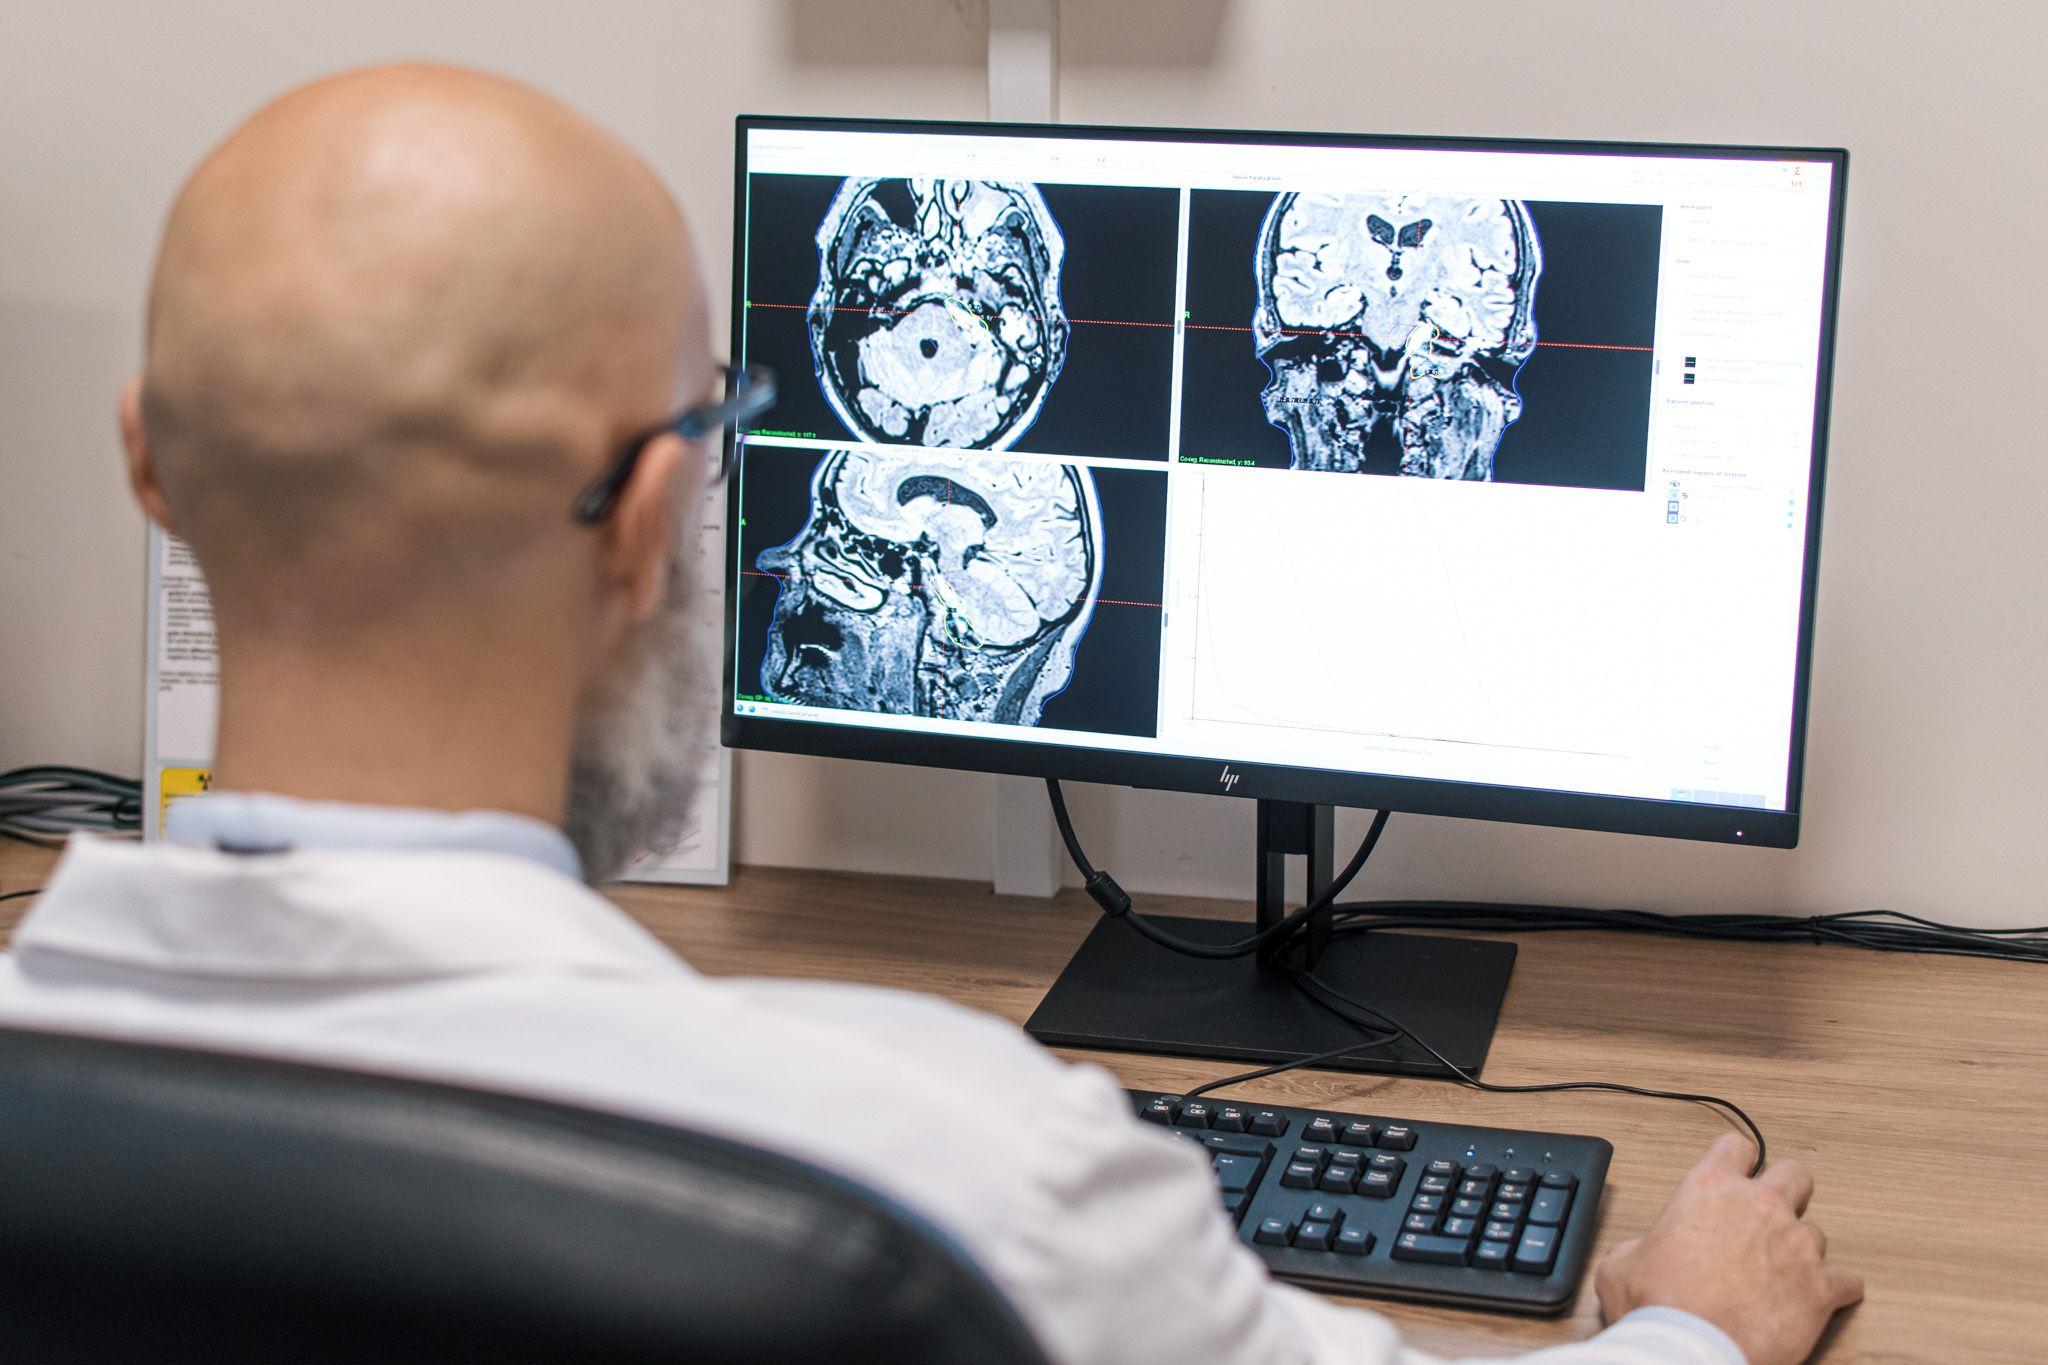 Gydytojas apžiūri kompiuterio ekrane smegenų vaizdą